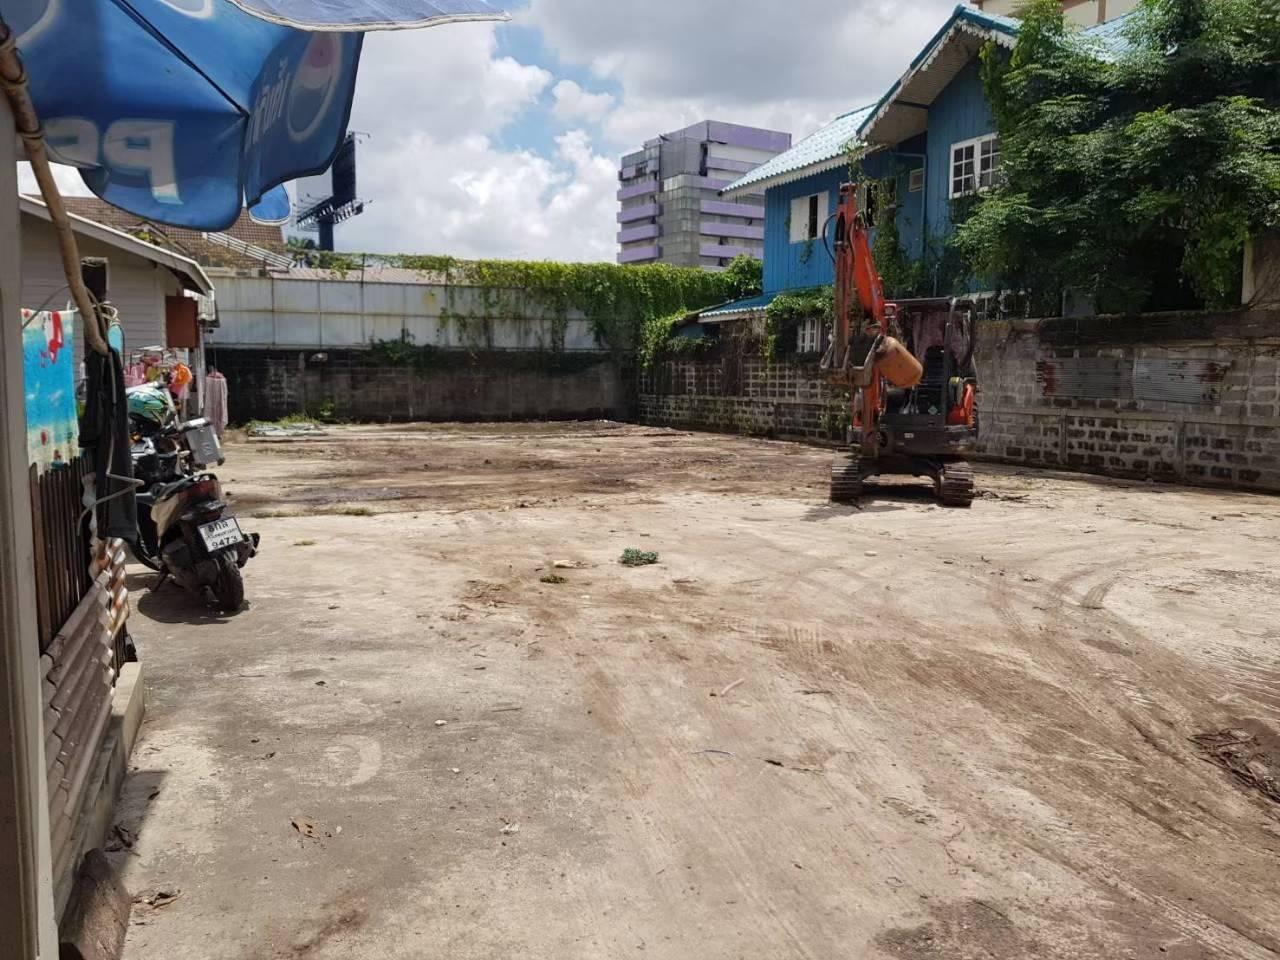 ภาพขายที่ดิน 114 ตารางวา ซอยอินทมาระ 29 แยก 1 ถนนสุทธิสารวินิจฉัย ตารางวาละ 85,000 บาท